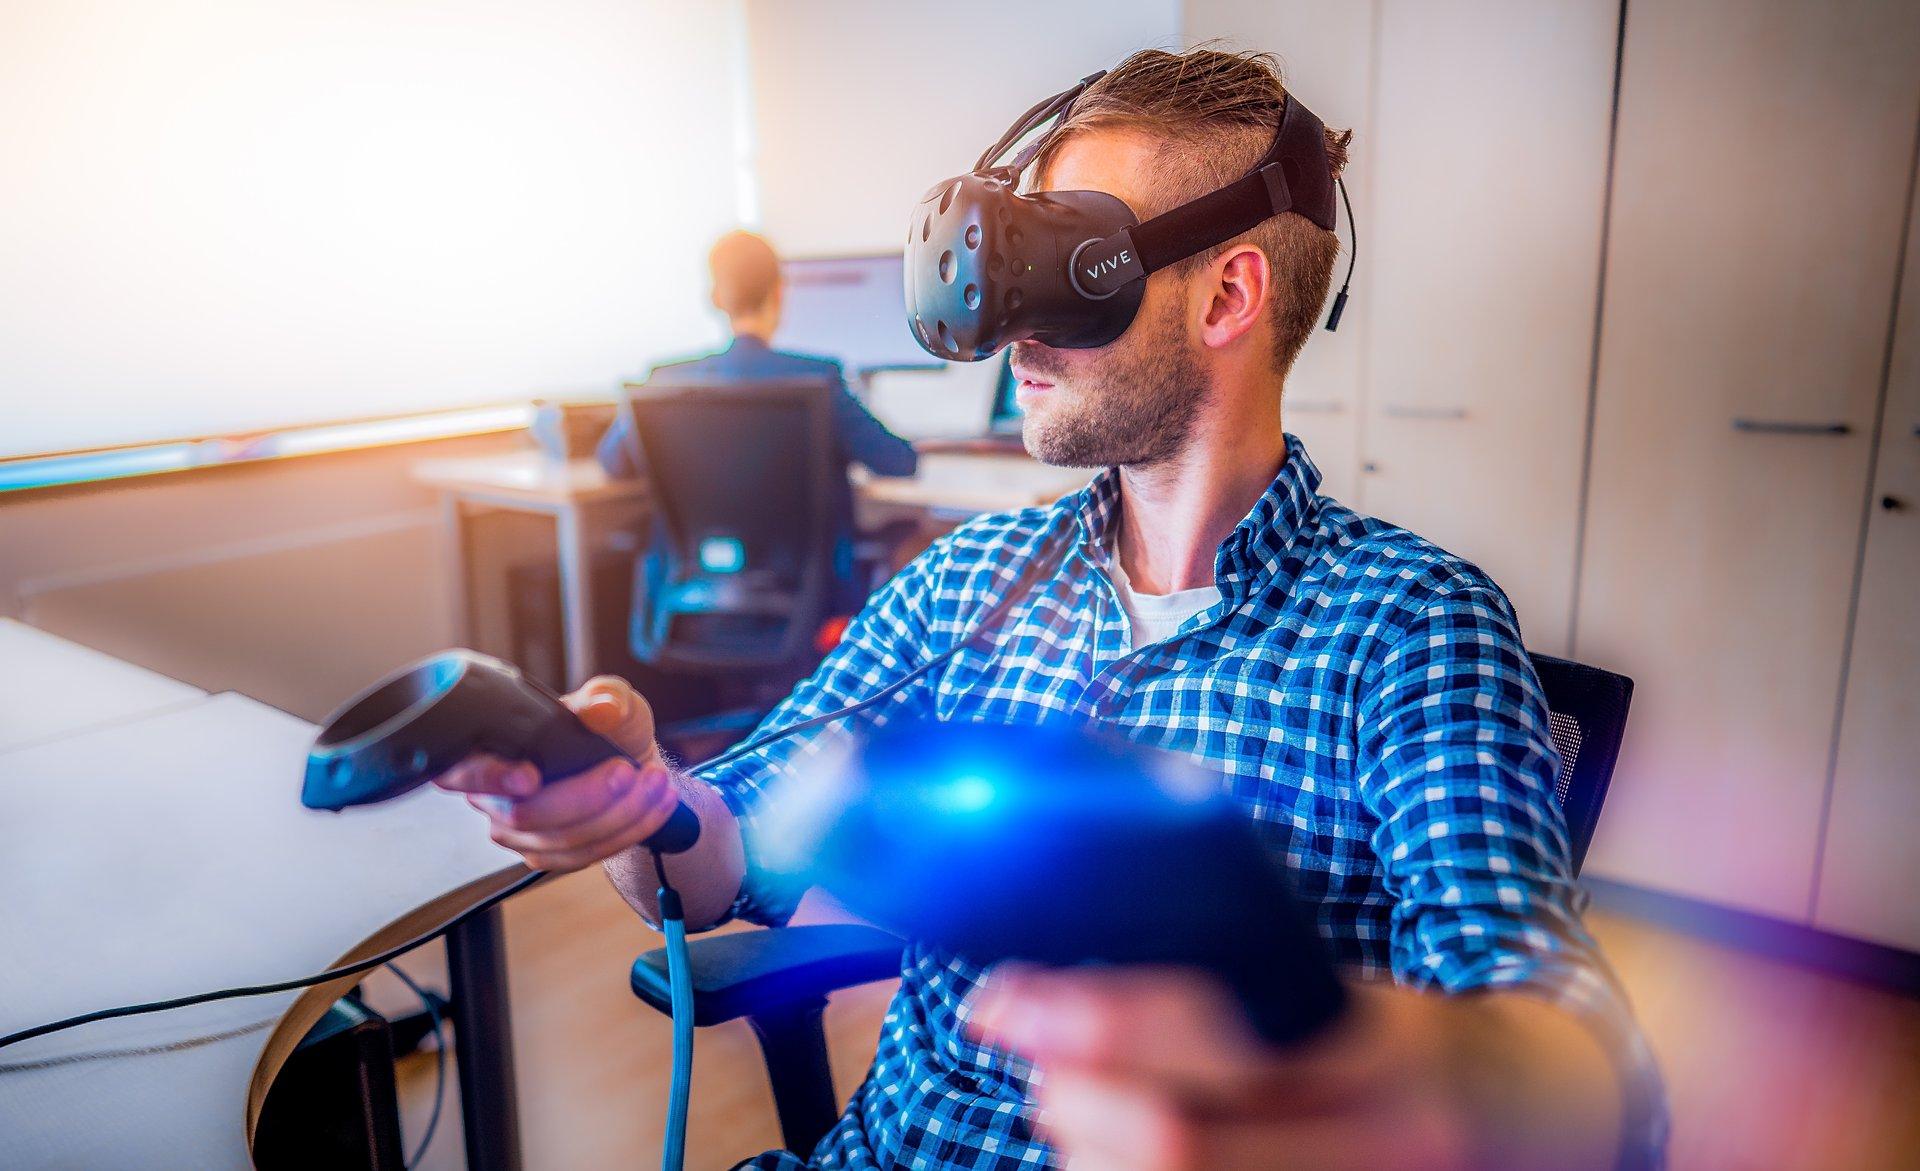 Kto i jak skorzysta na działalności Level 4.0 - wrocławskiego Digital Innovation Hub?